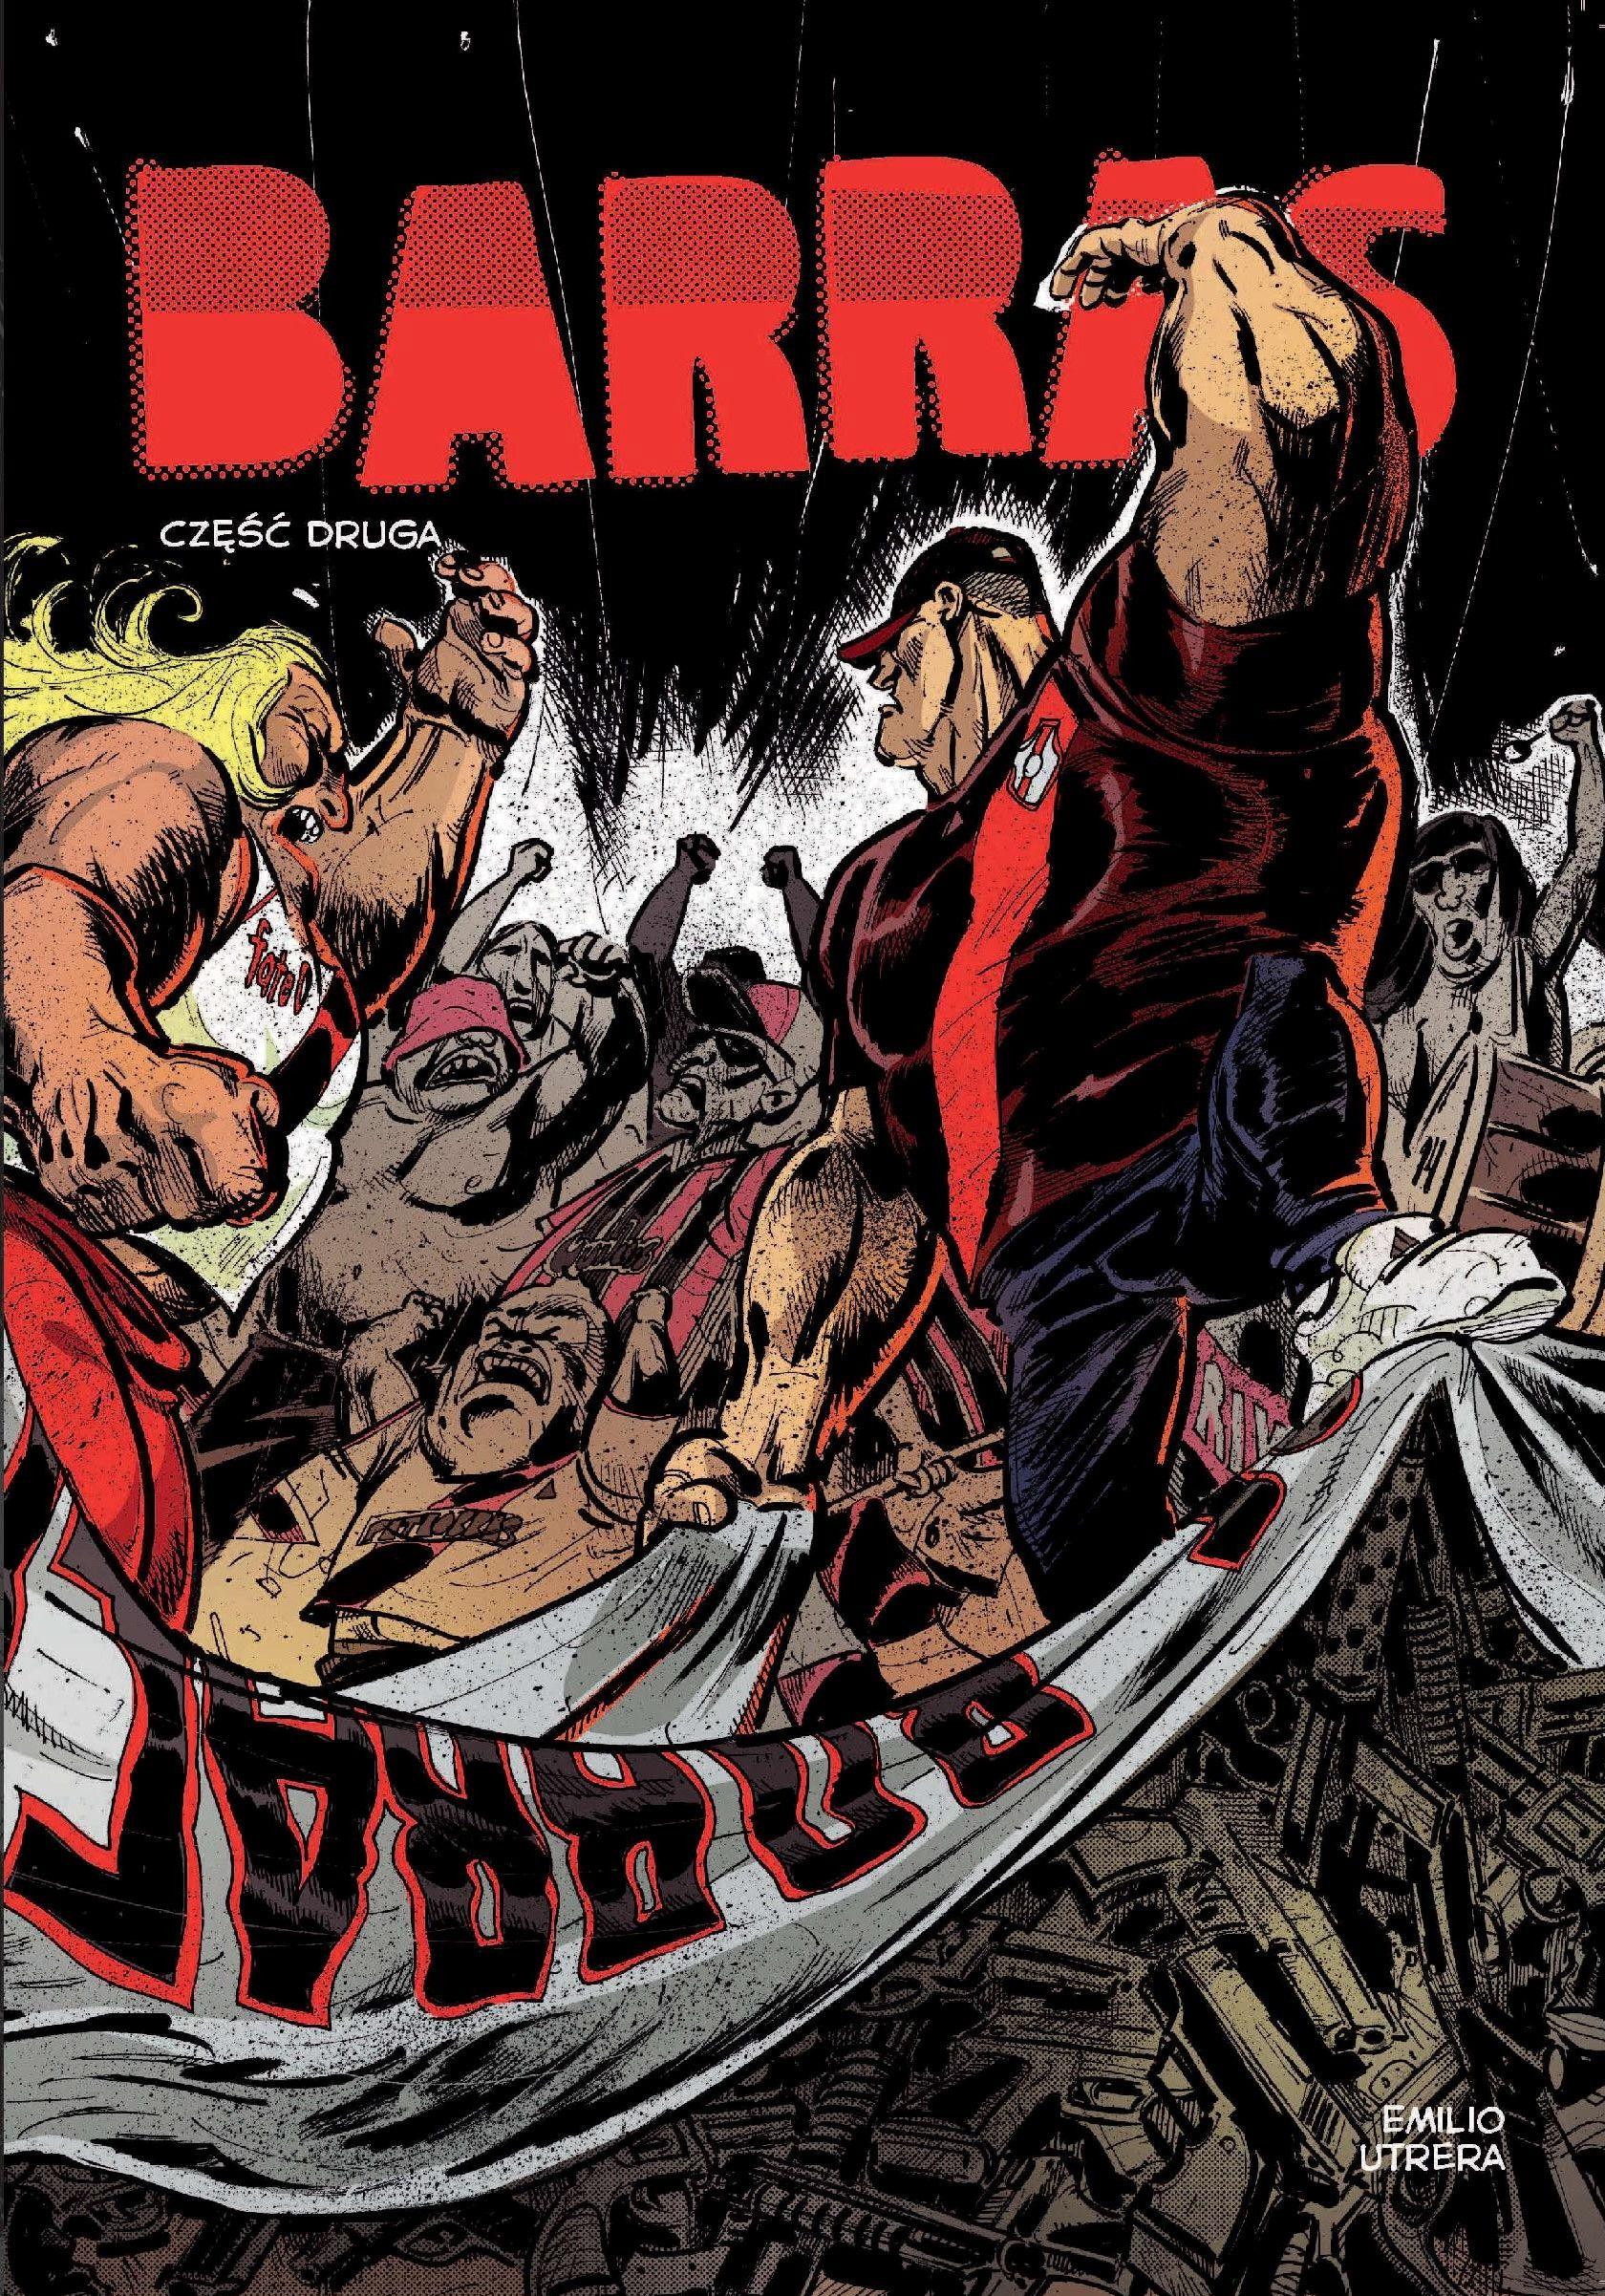 Zapowiedź: BARRAS – Zeszyt 2